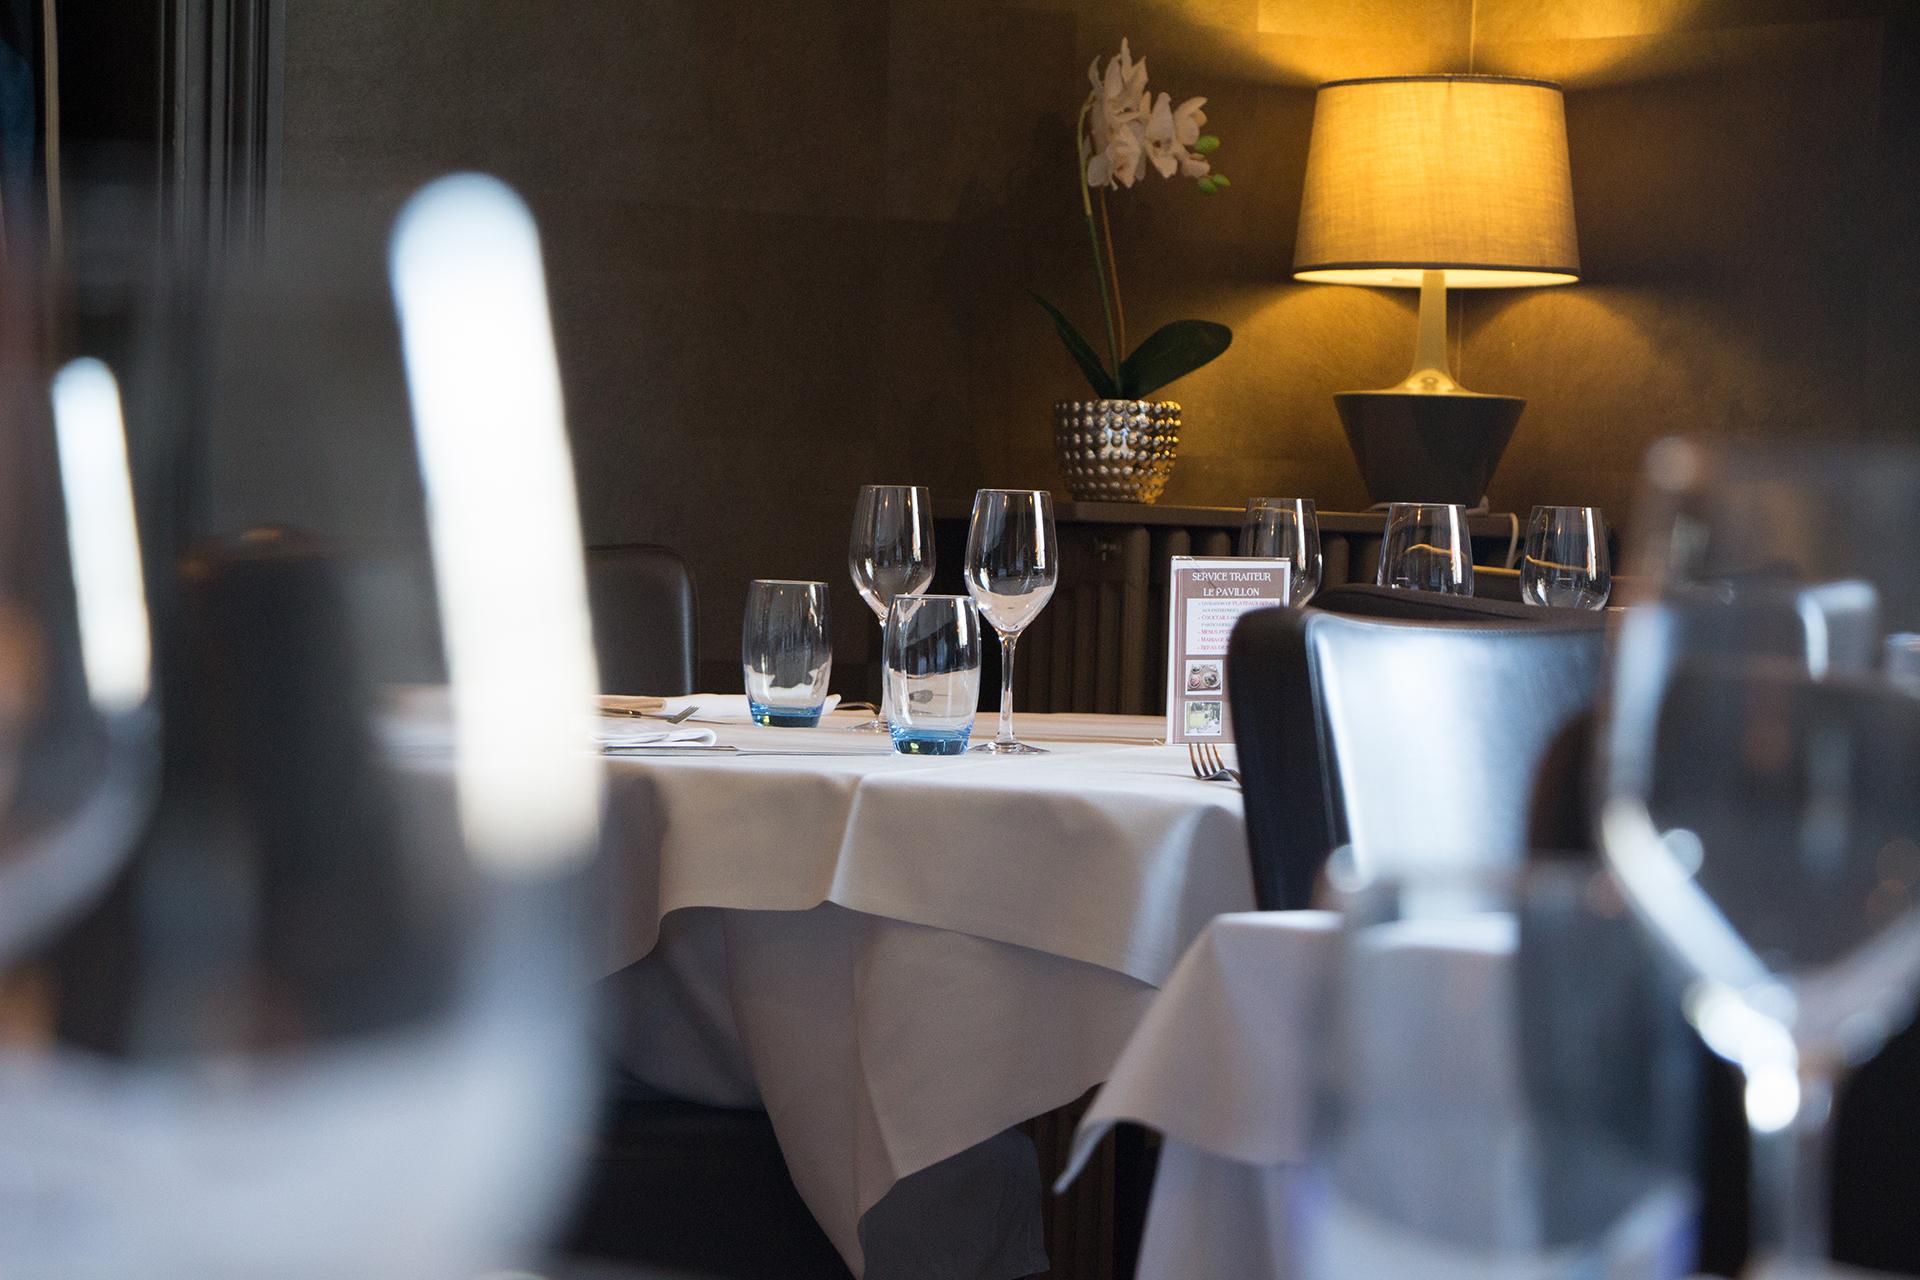 Salle Restaurant gastronomique à St Herblain près de Nantes